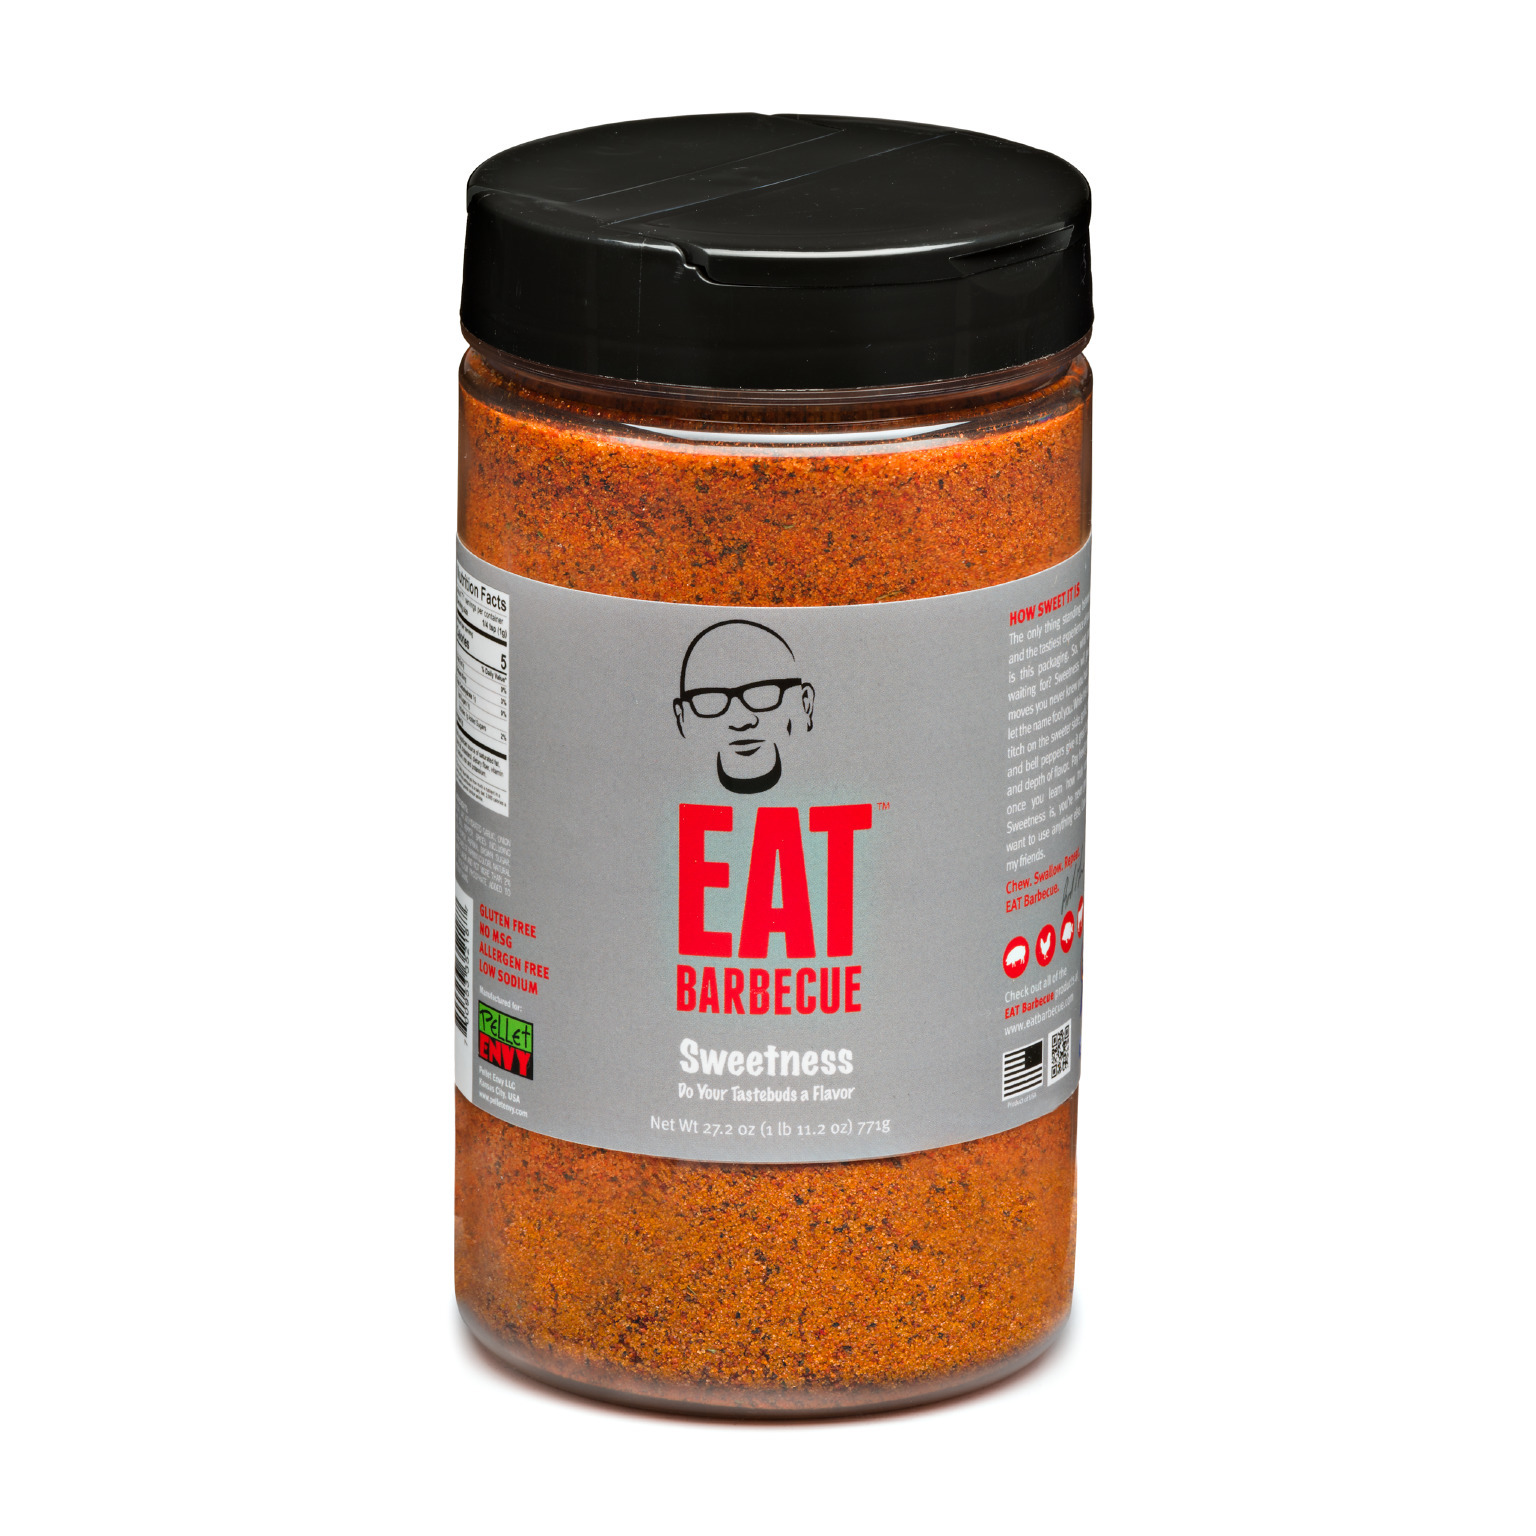 Eat BBQ- Sweetness Rub-27 oz 0700953352187